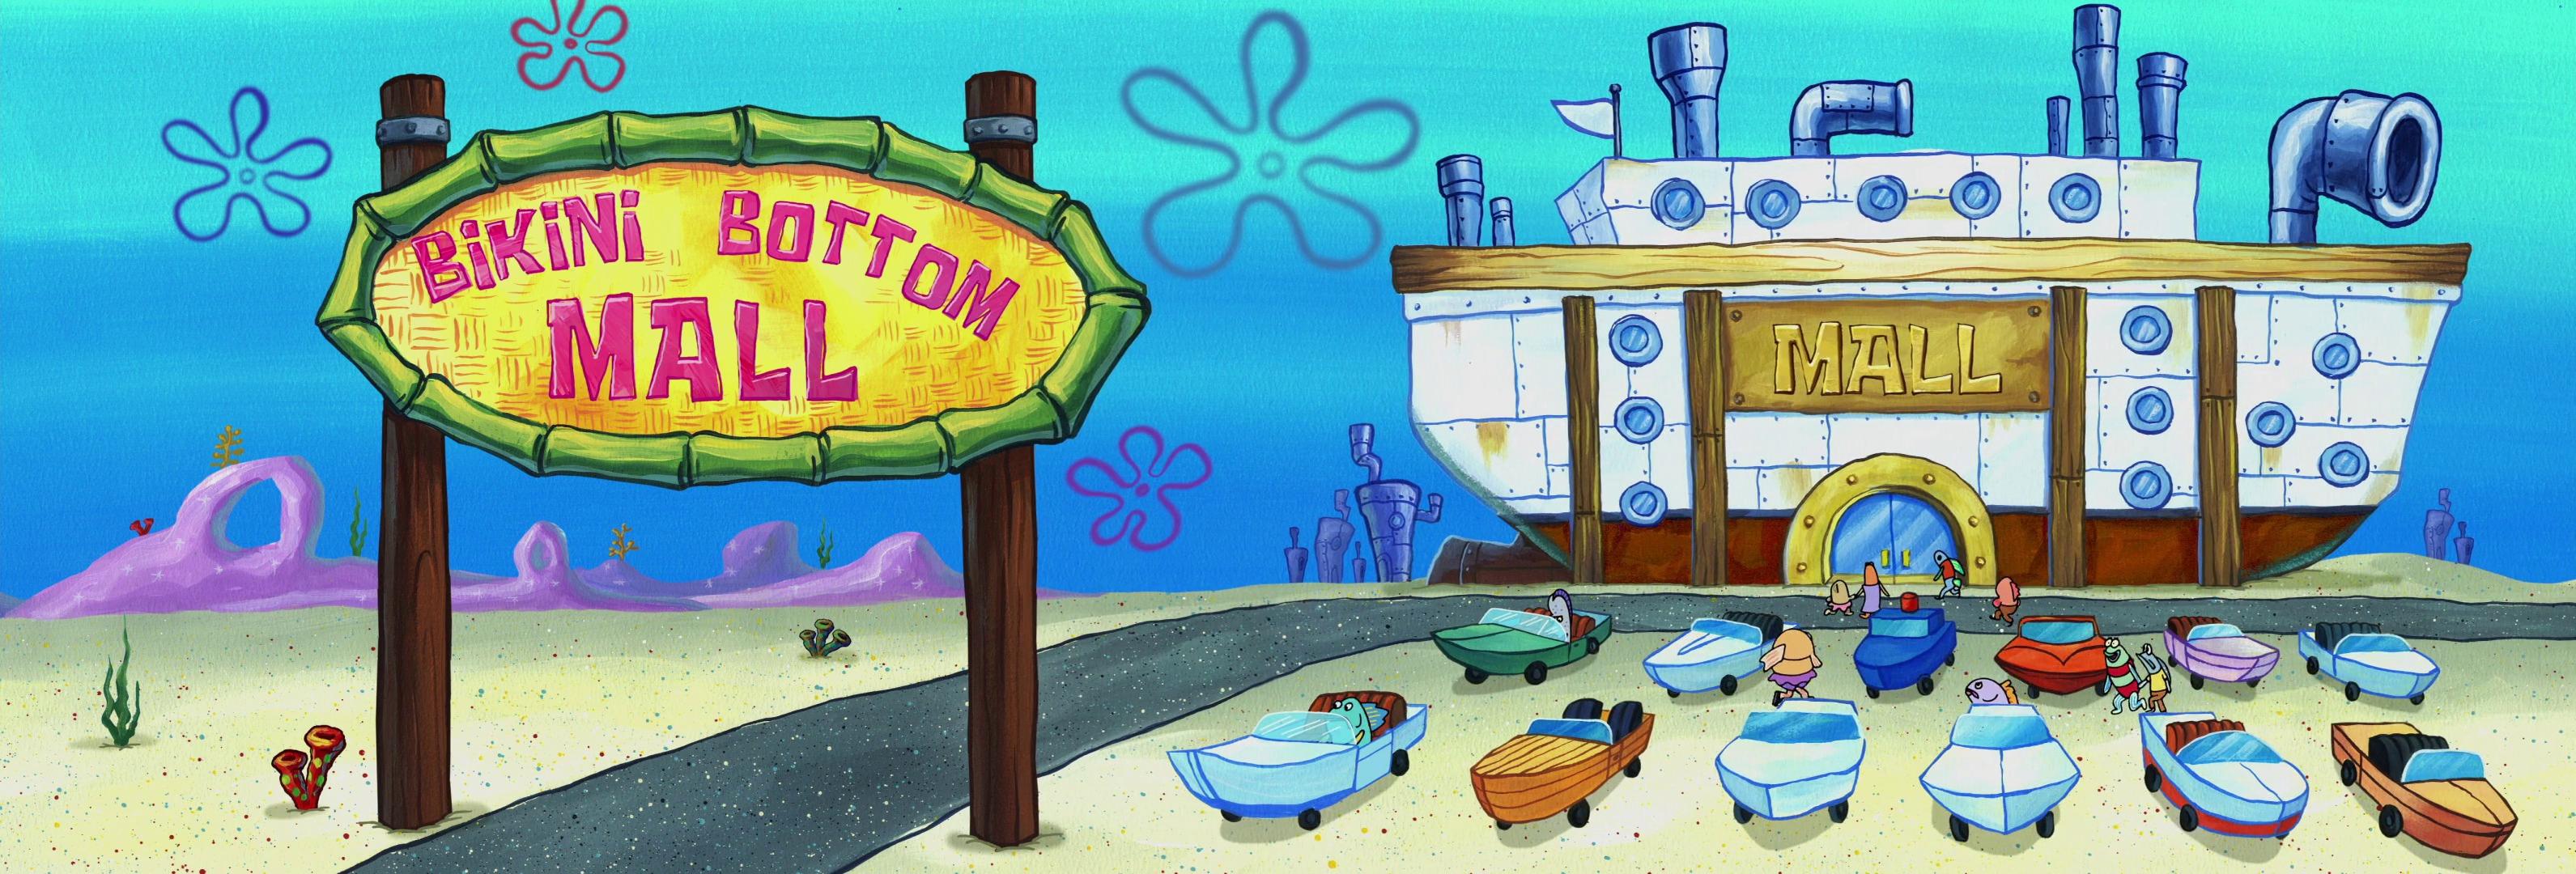 Bikini Bottom Mall